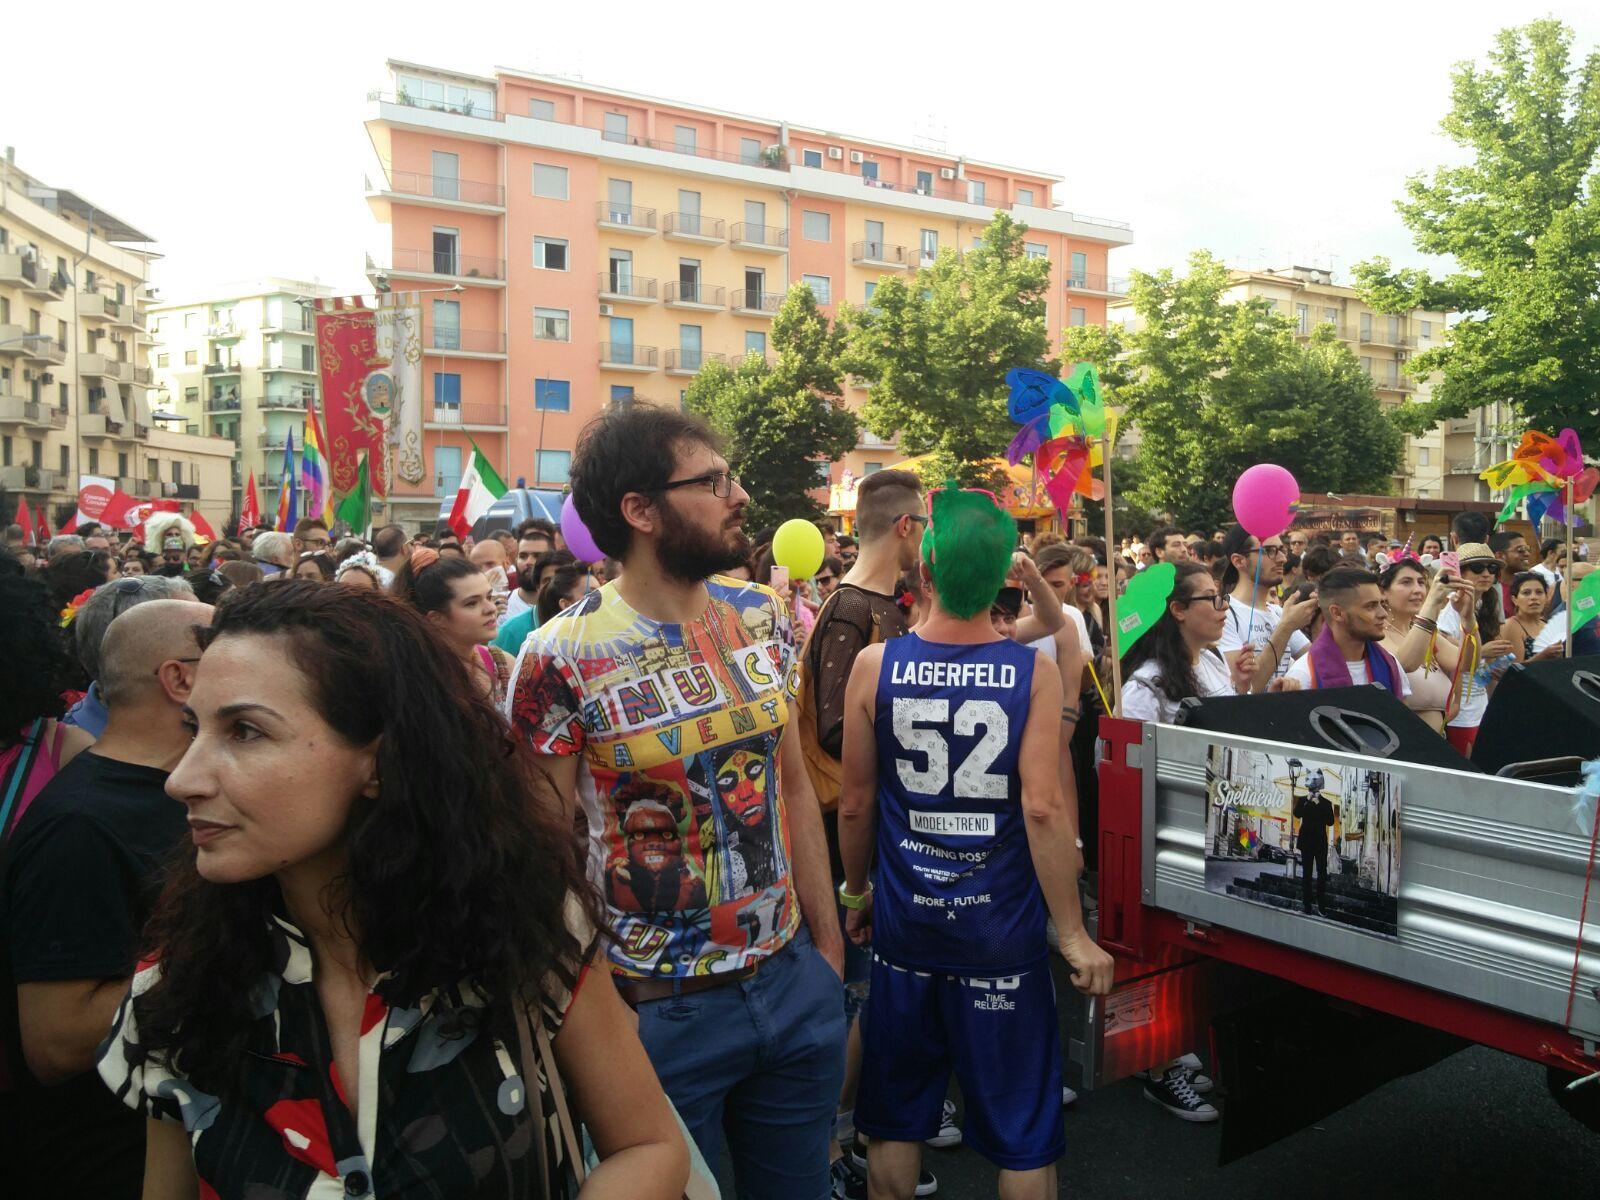 VIDEO - La grande festa del Gay Pride a CosenzaL'onda gioiosa attraversa le strade della città